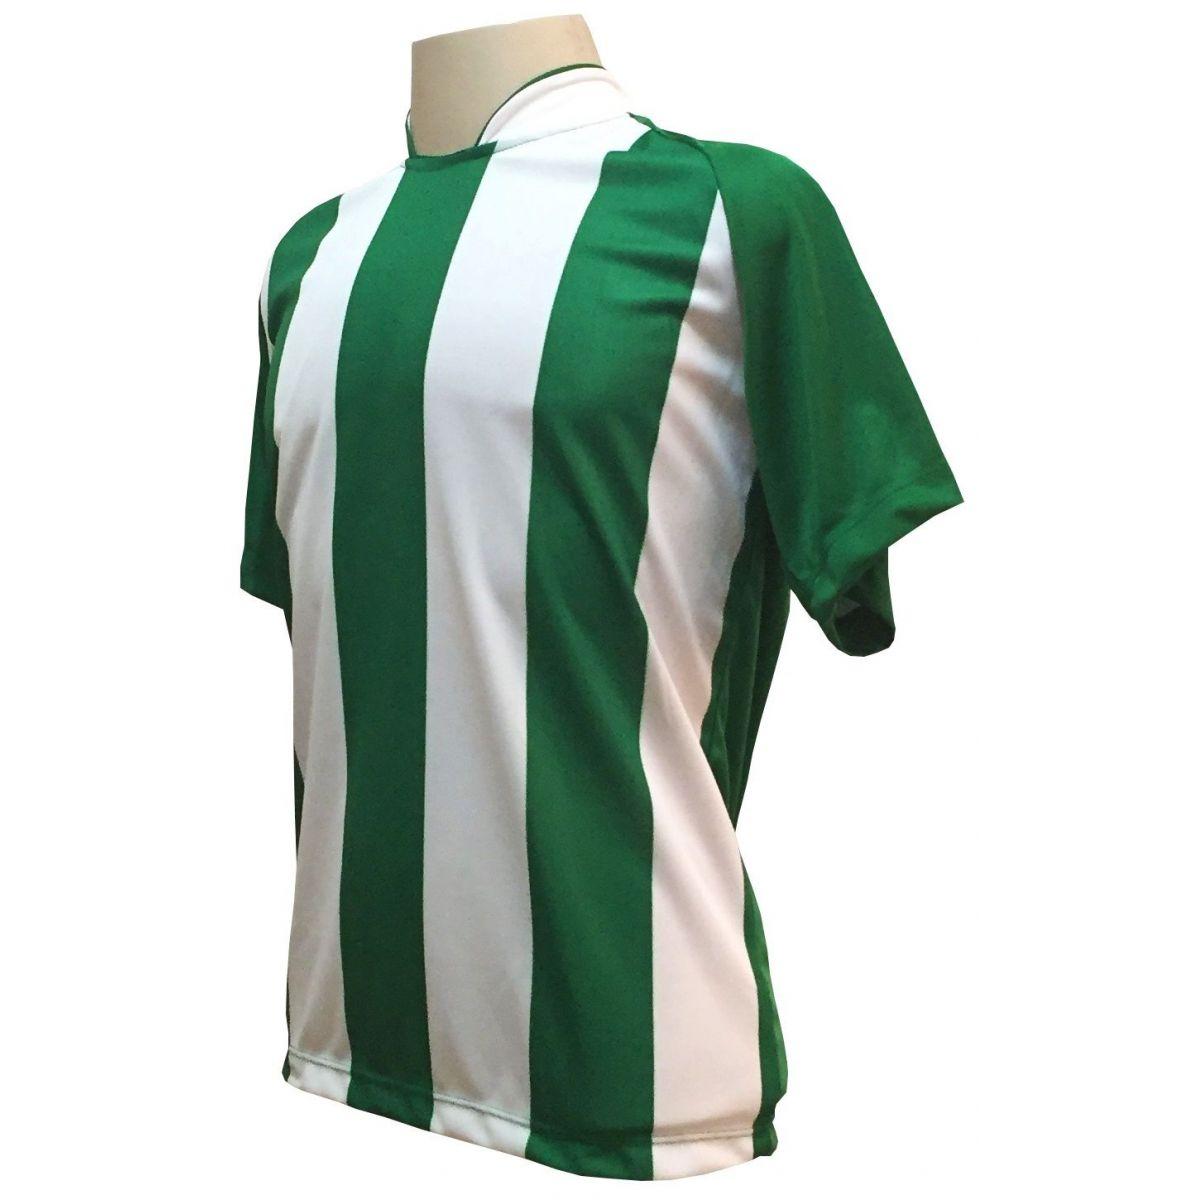 Uniforme Esportivo com 18 camisas modelo Milan Verde/Branco + 18 calções modelo Copa Verde/Branco + 18 pares de meiões Branco